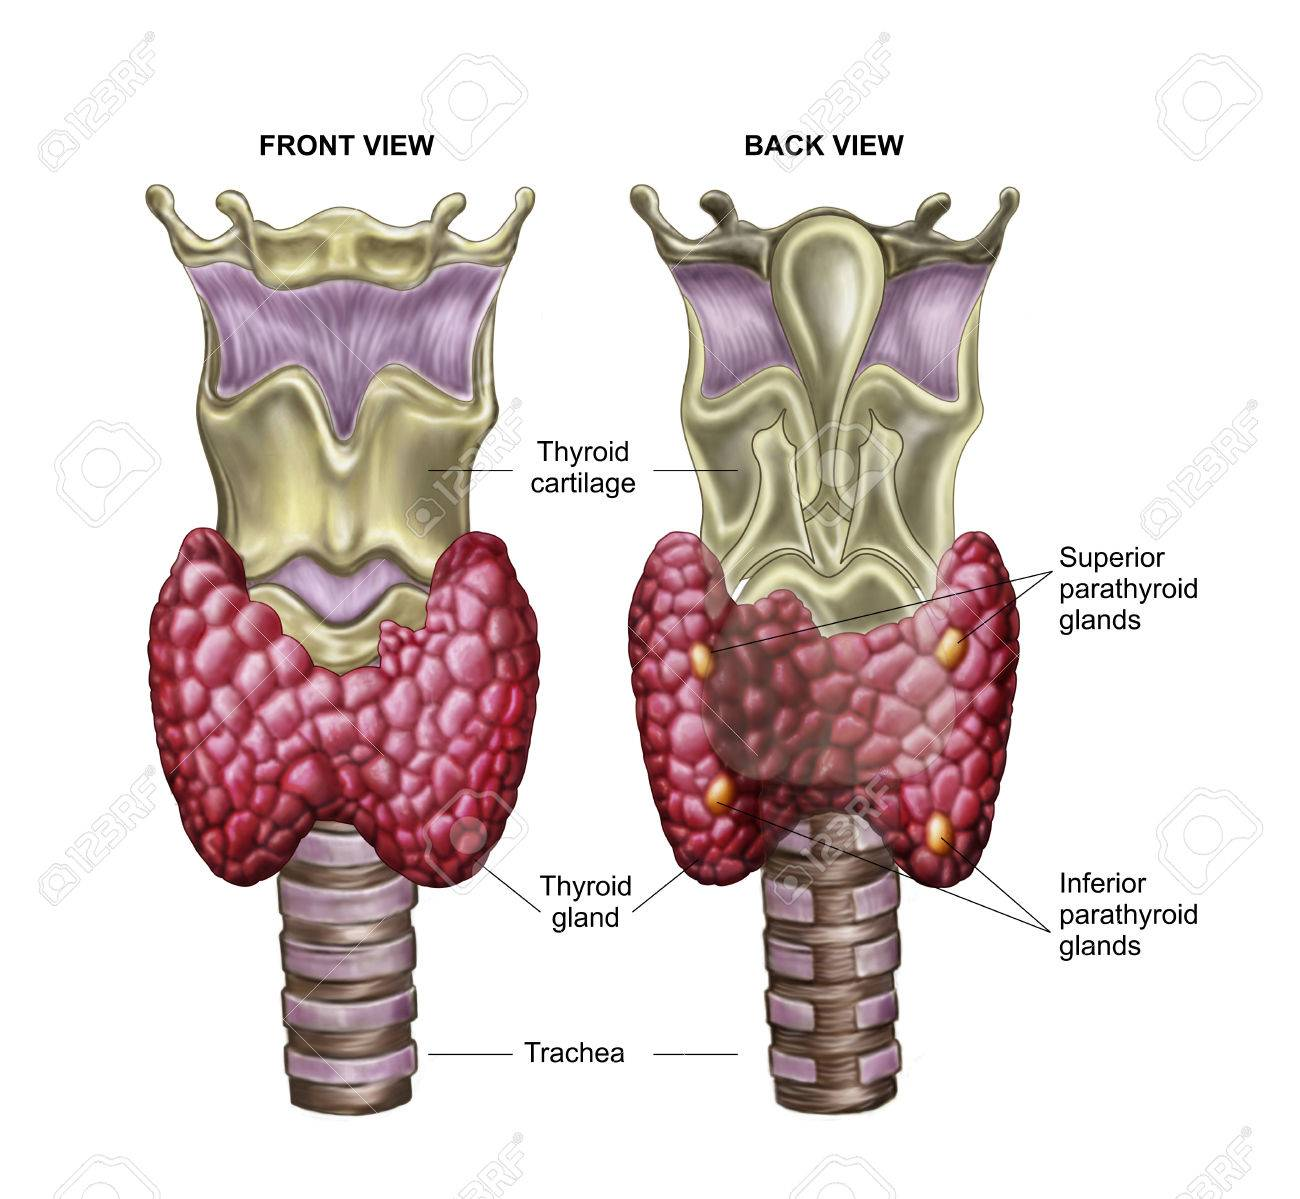 Anatomía De La Glándula Tiroides Con Laringe Y Cartílago. Fotos ...